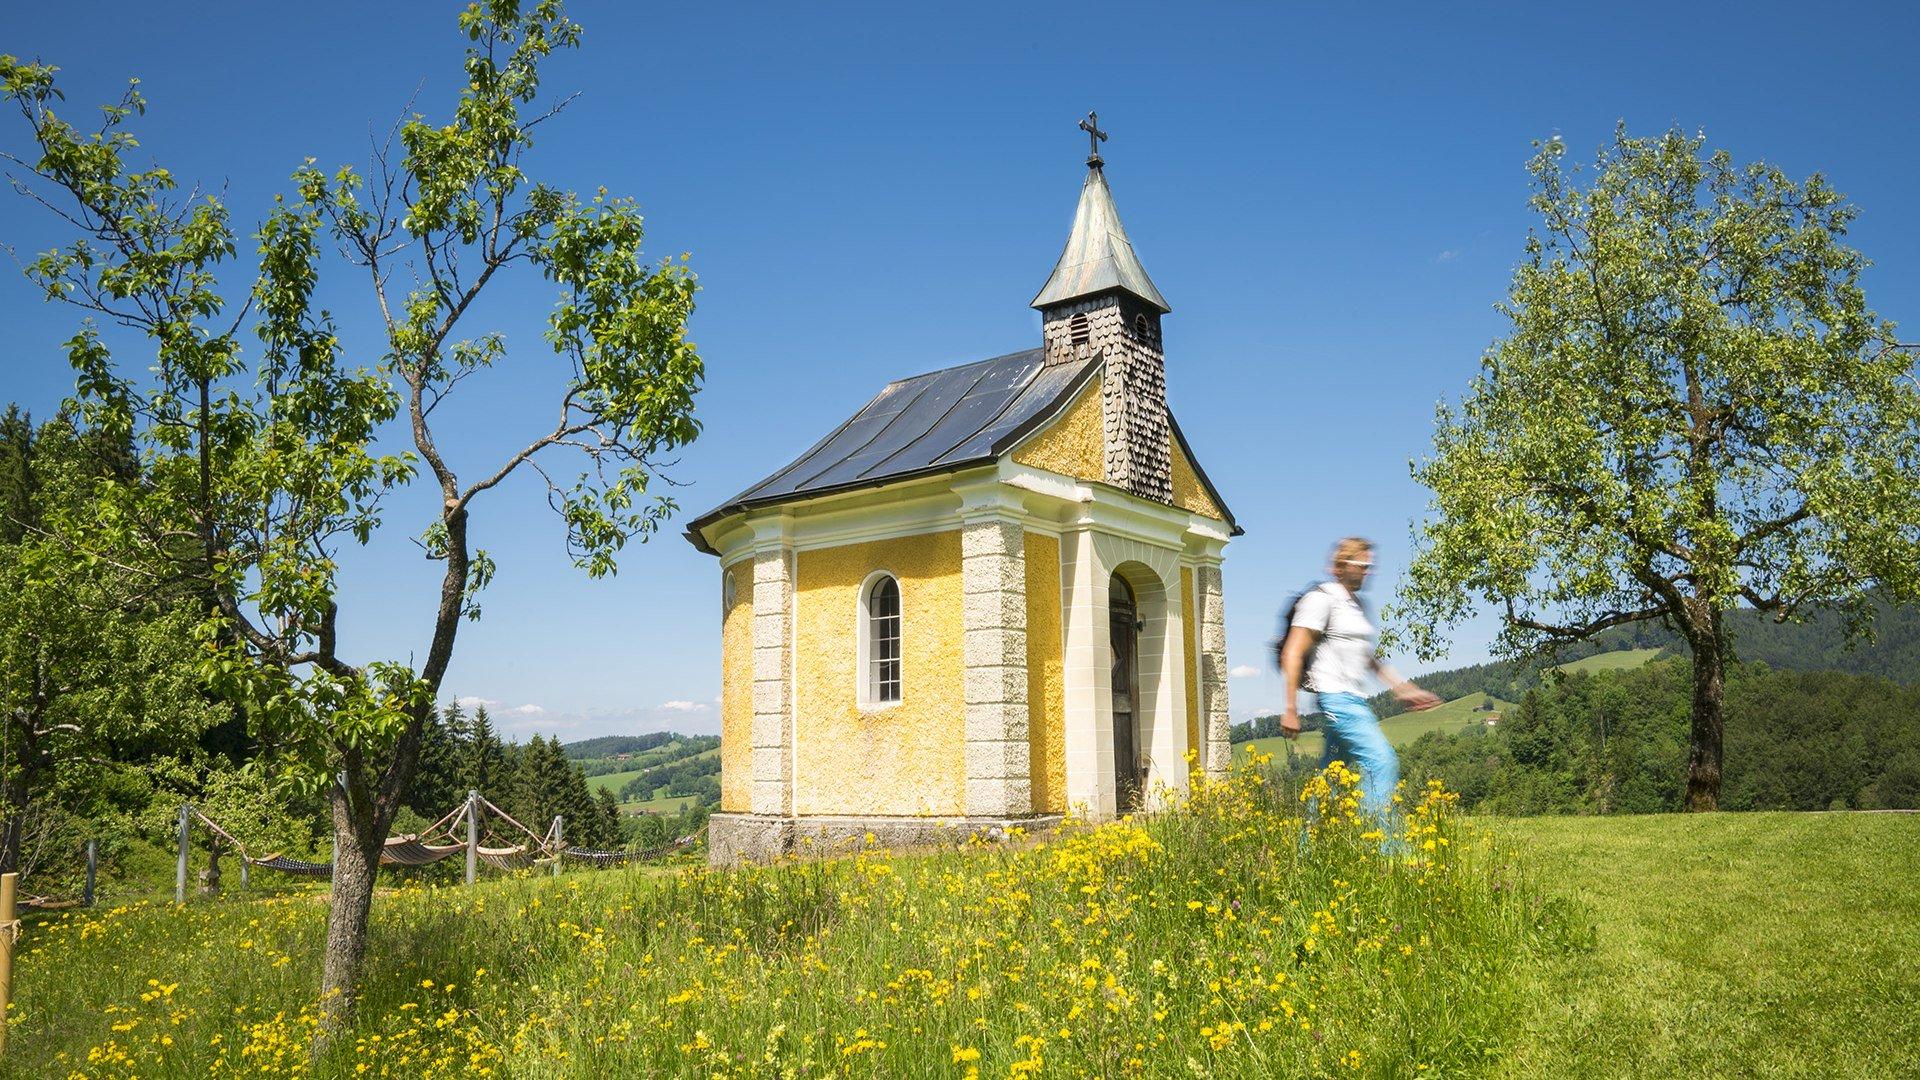 Idyllische Kapellen laden zum Verweilen ein, © Dietmar Denger